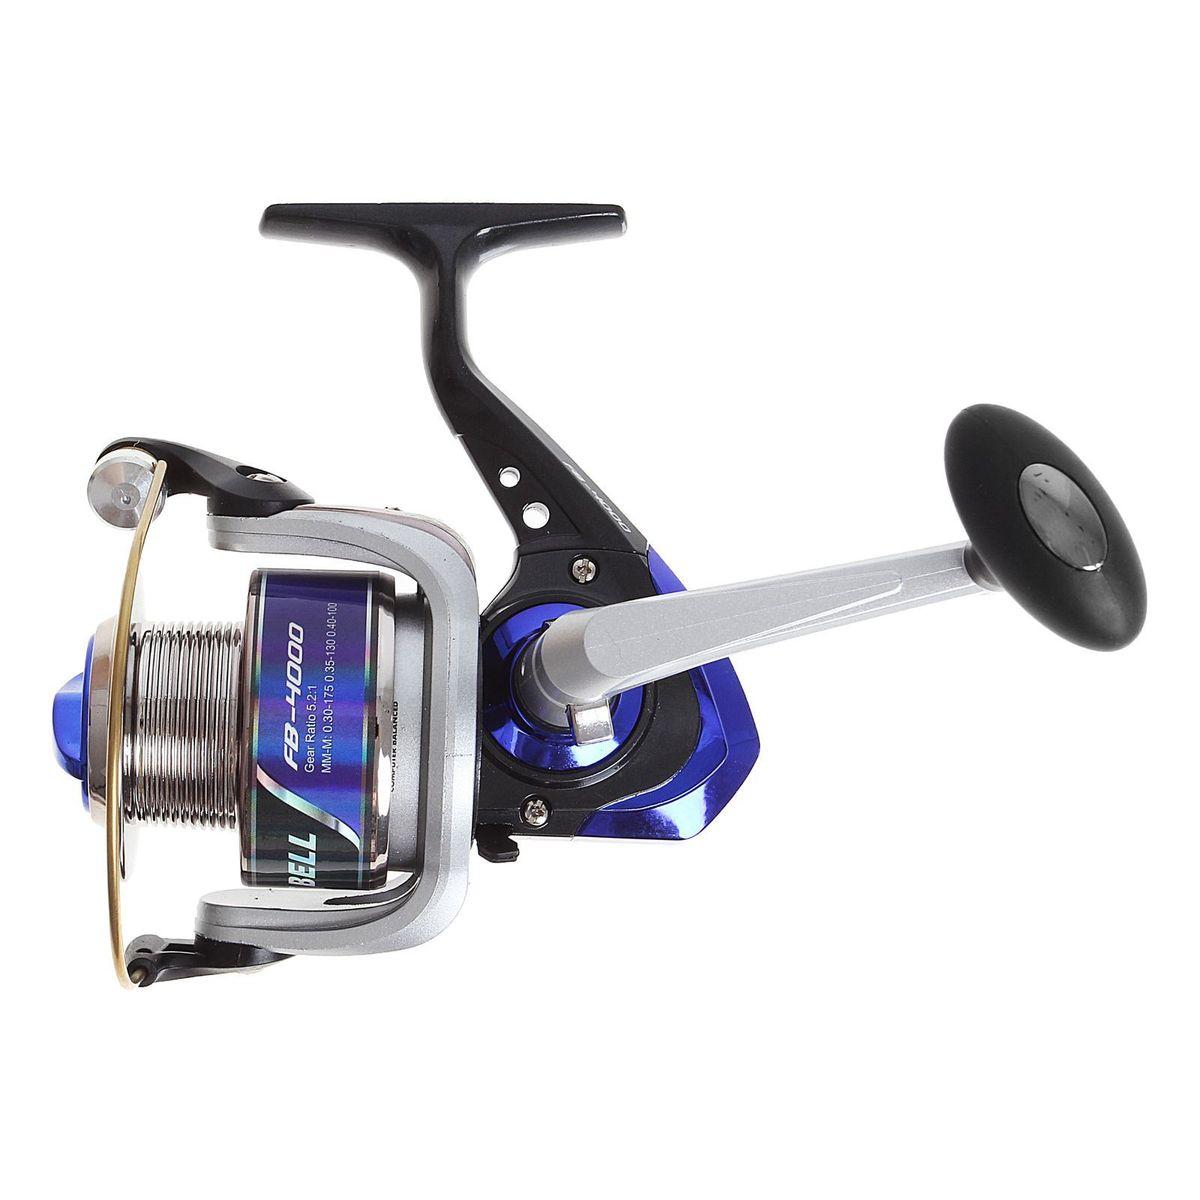 Катушка безынерционная Onlitop 1BB FB 4000, цвет: синий, 1 подшипник21800Катушка 1BB FB 4000 это универсальная модель «эконом»-класса для разных условий рыбалки, отличный выбор для начинающих рыболовов.